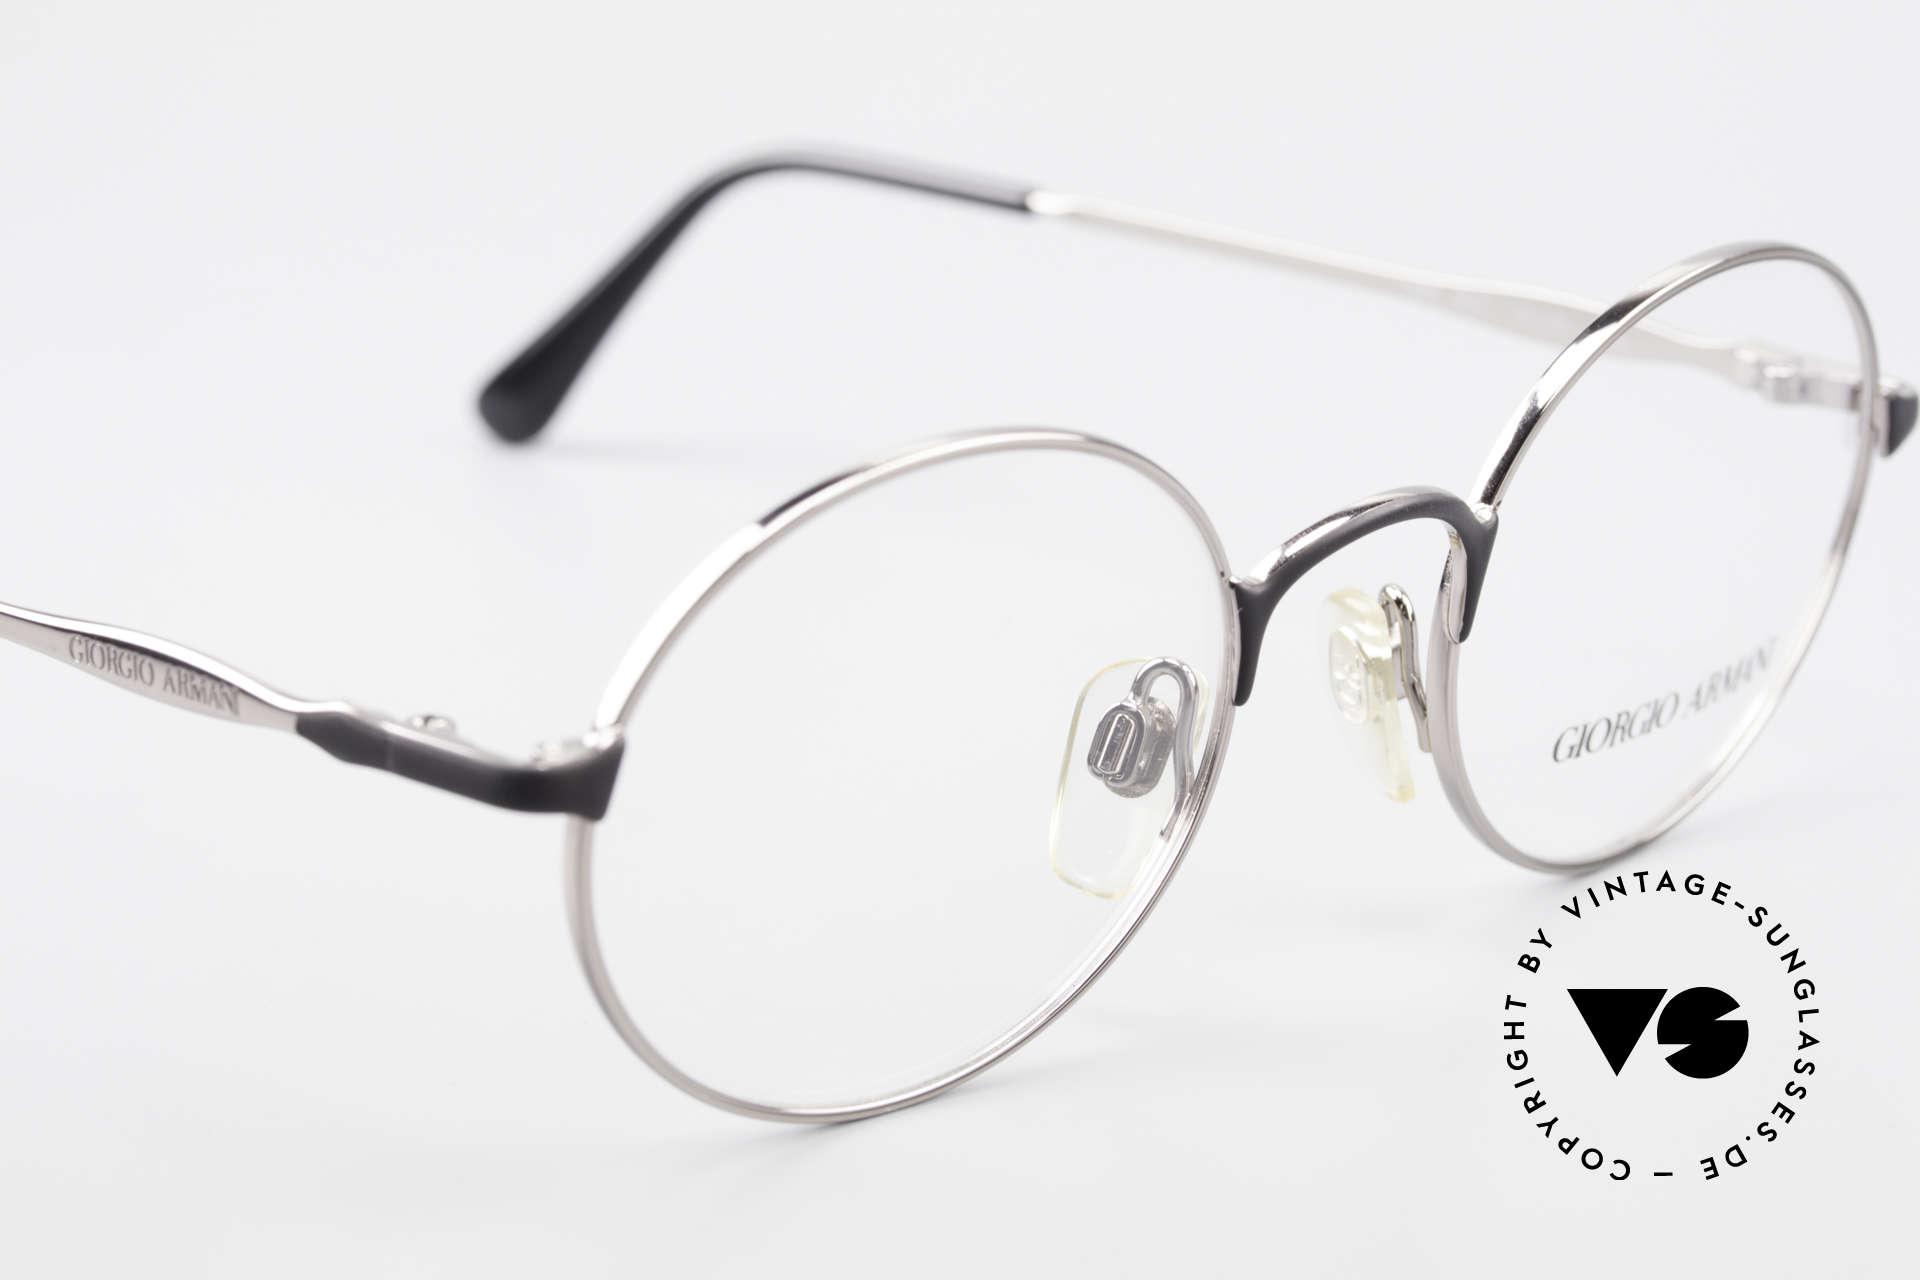 Giorgio Armani 243 Runde Ovale Brille 90er Small, keine aktuelle Kollektion; ein 25 J. altes Original, Passend für Herren und Damen